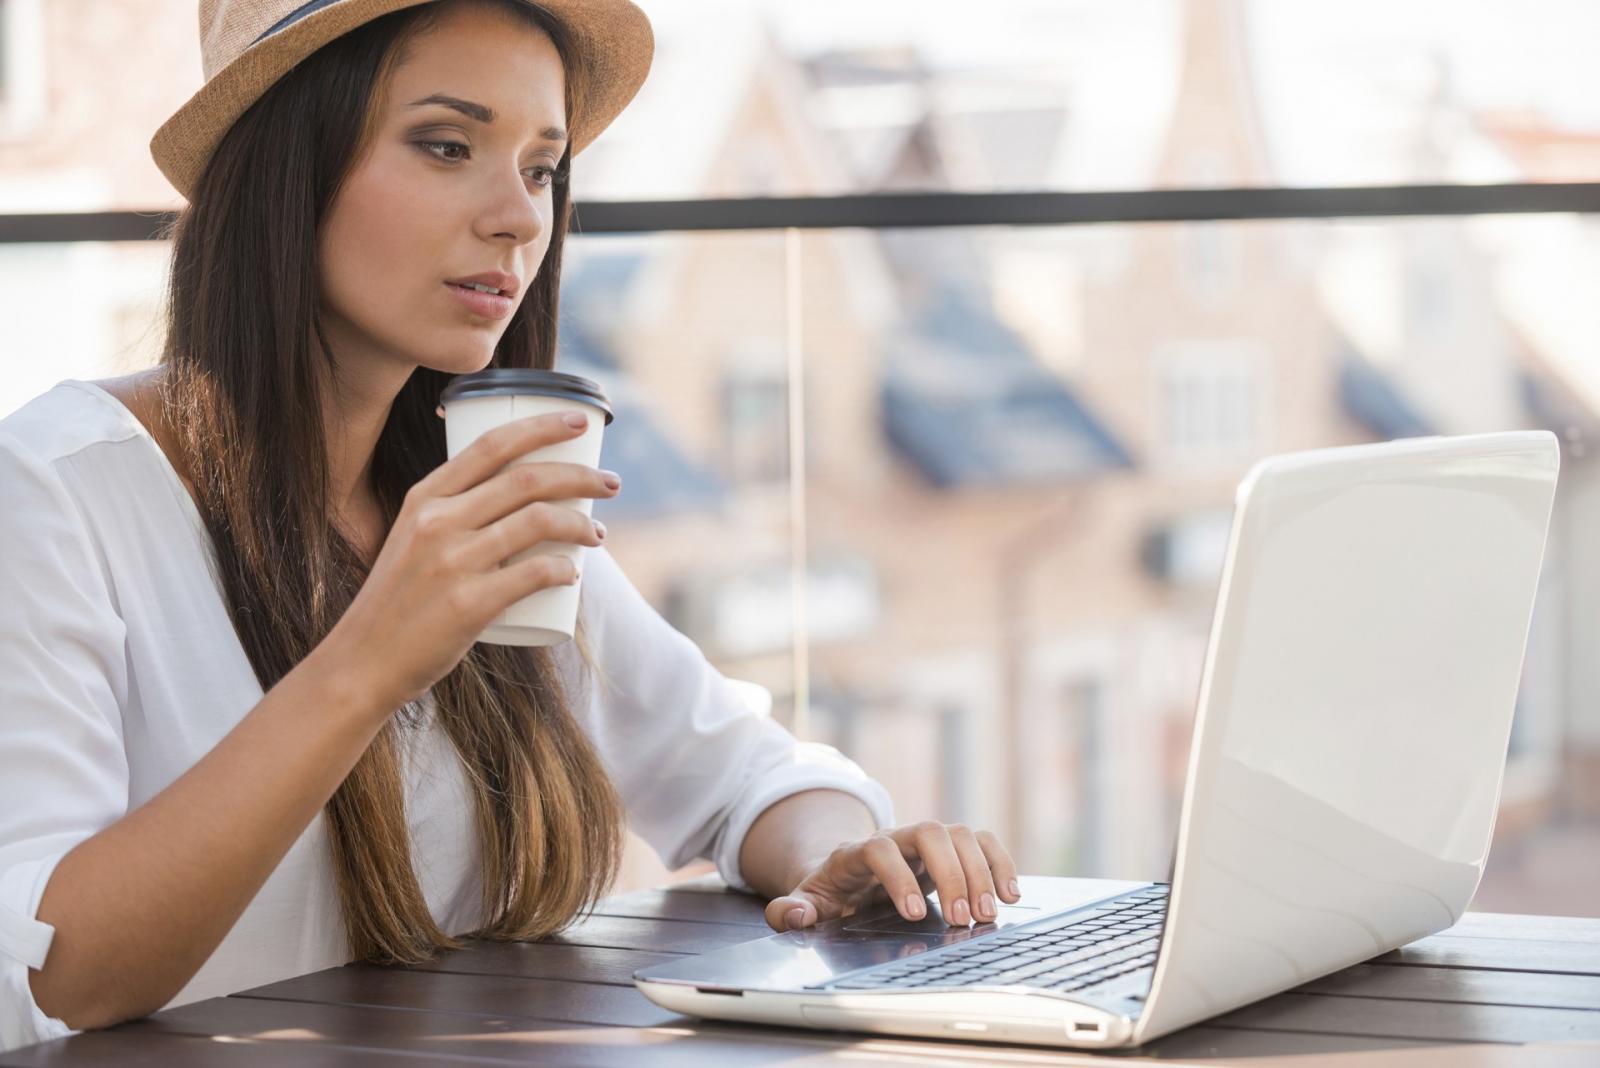 過度美白、看電腦都會長斑?拒當「雀斑妹」日常要注意這5個壞習慣